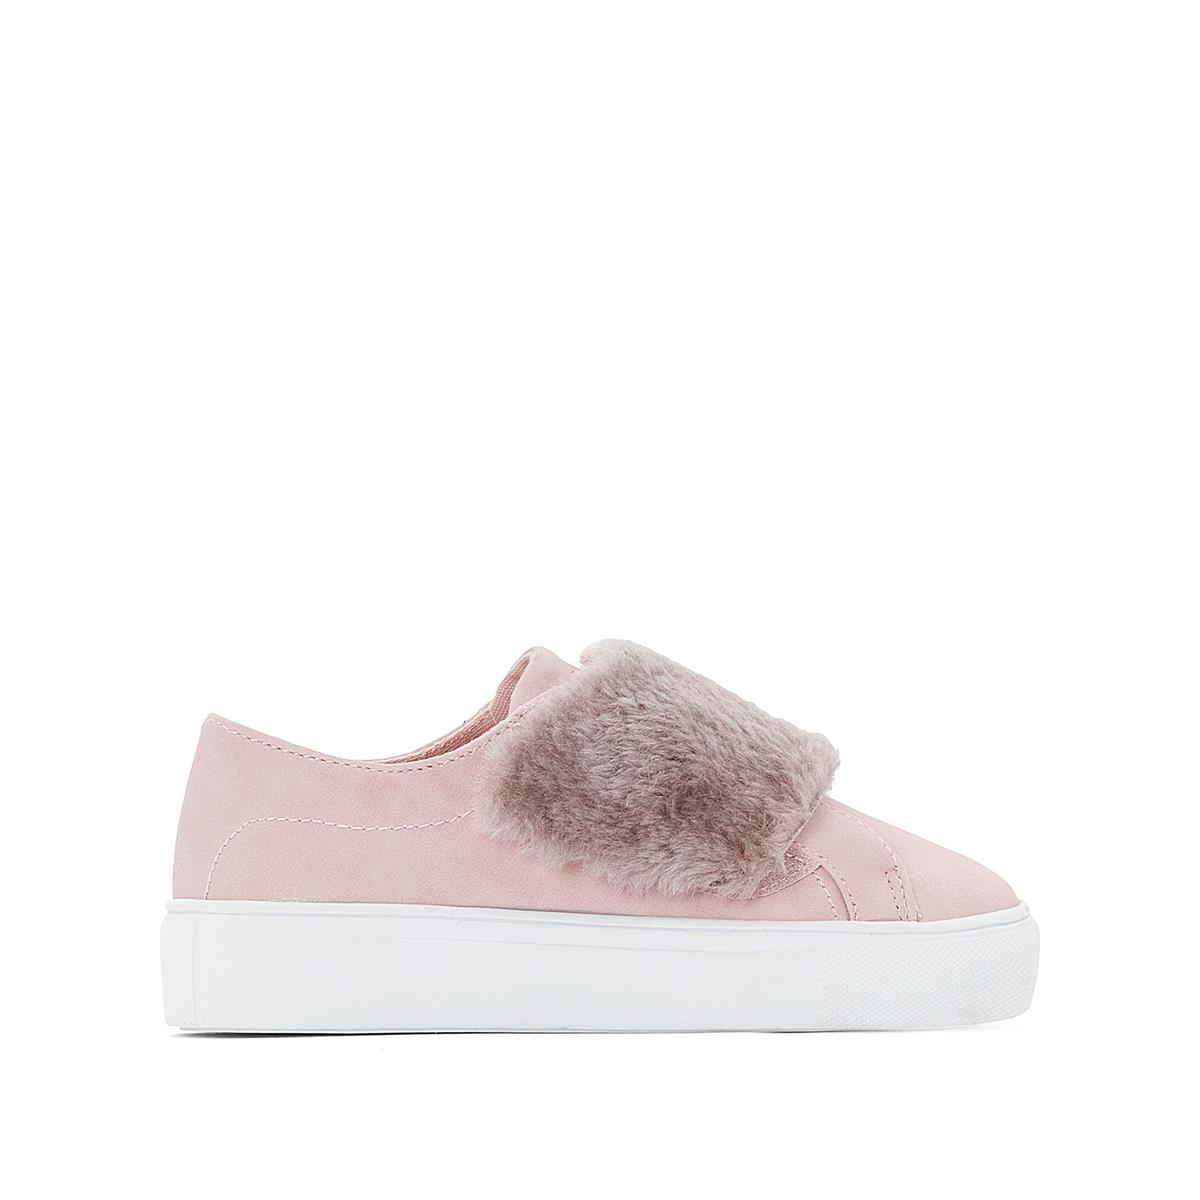 Кеды La Redoute На планке-велкро из меха размеры - 39 розовый